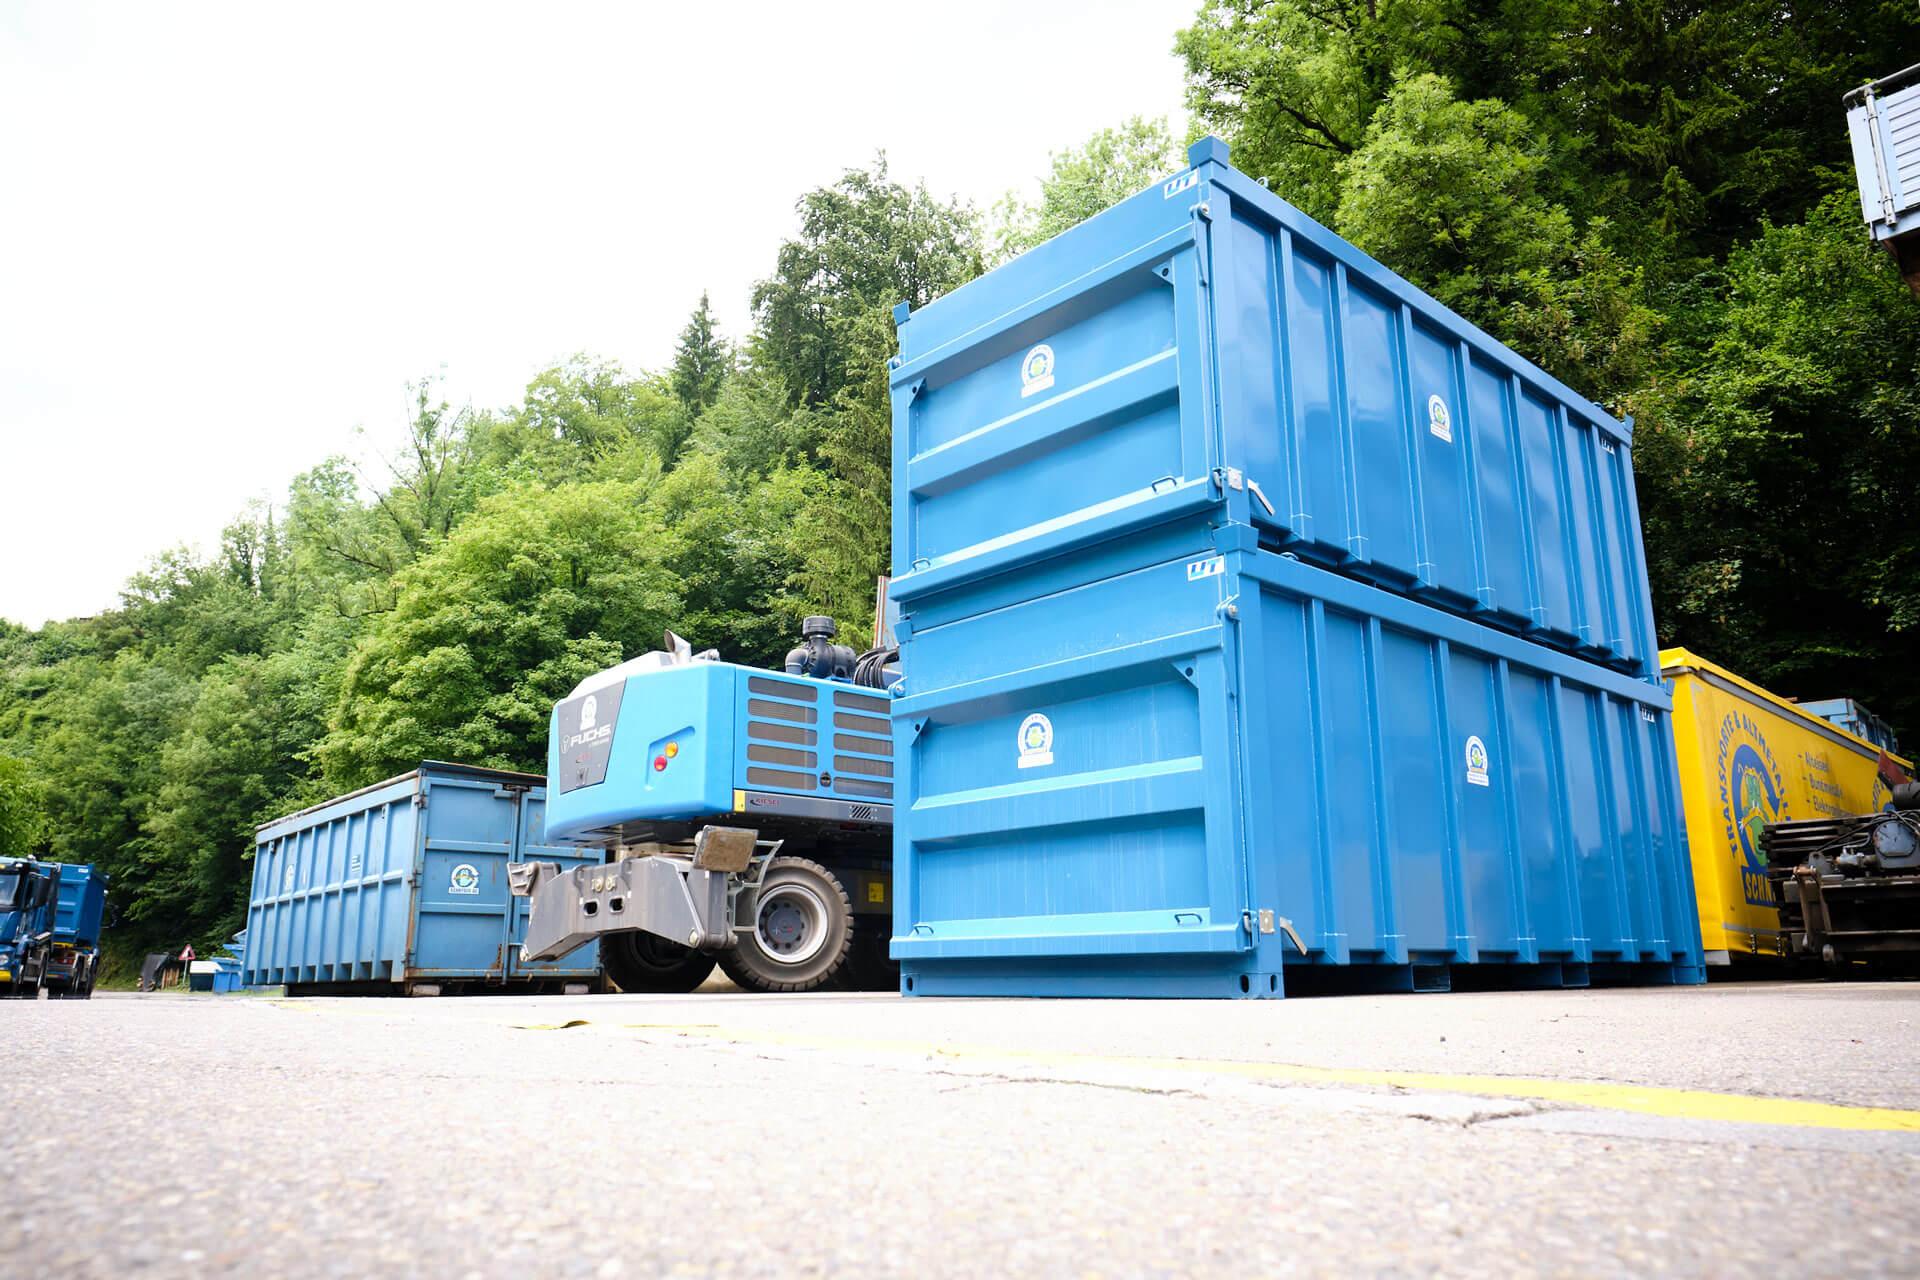 Zwei blaue Container aufeinander gestapelt mit weiteren Fahrzeugen im Hintergrund.